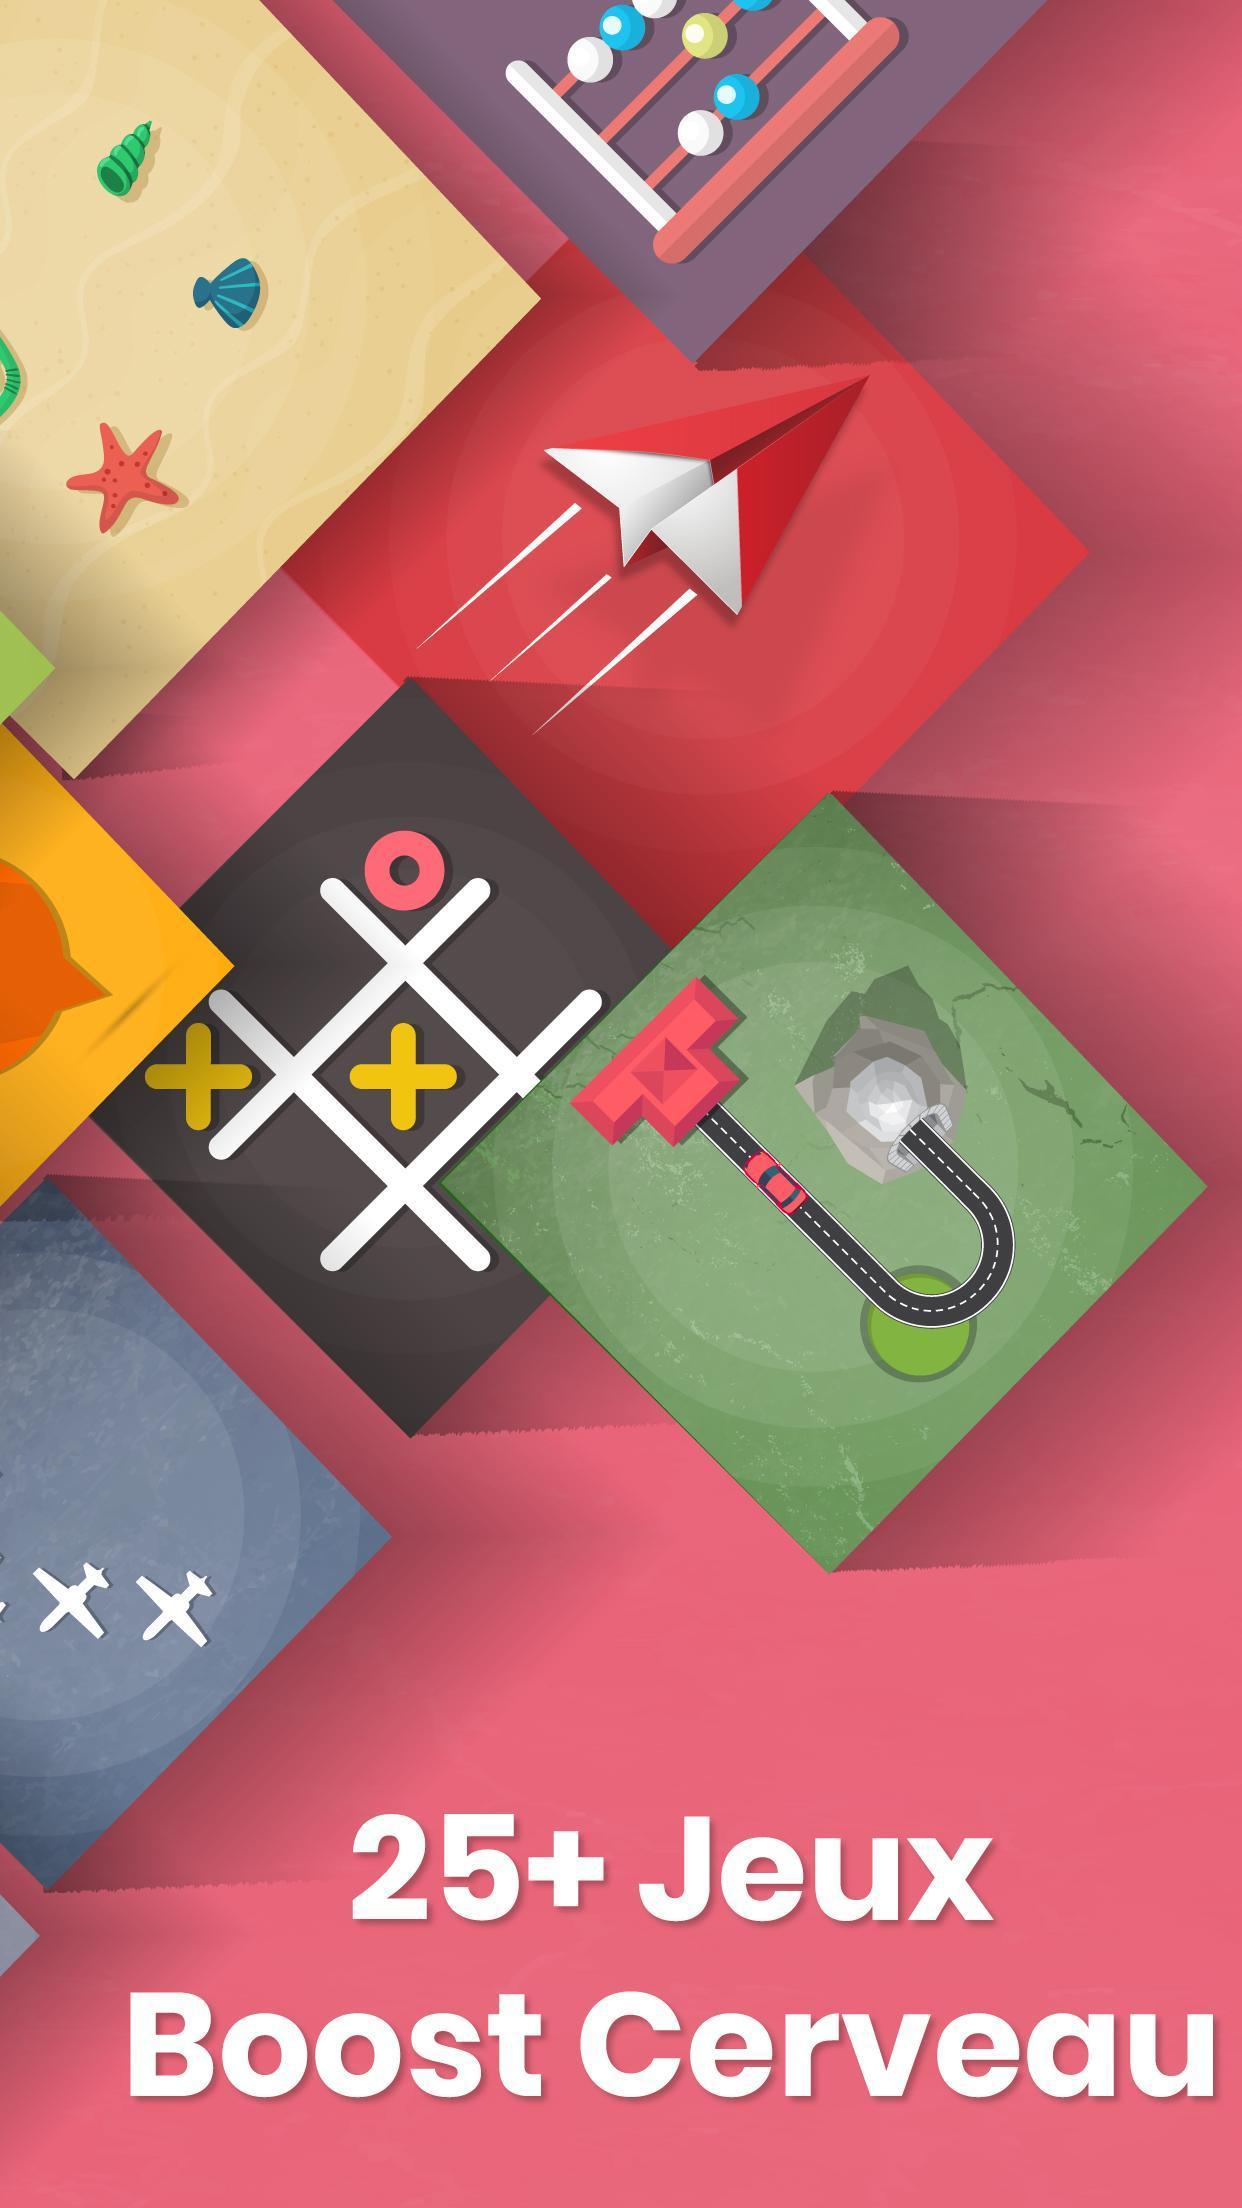 Jeux Cérébral Gratuit Pour Adultes Et Enfants Pour Android concernant Jeux De Reflexion Gratuit Pour Adulte